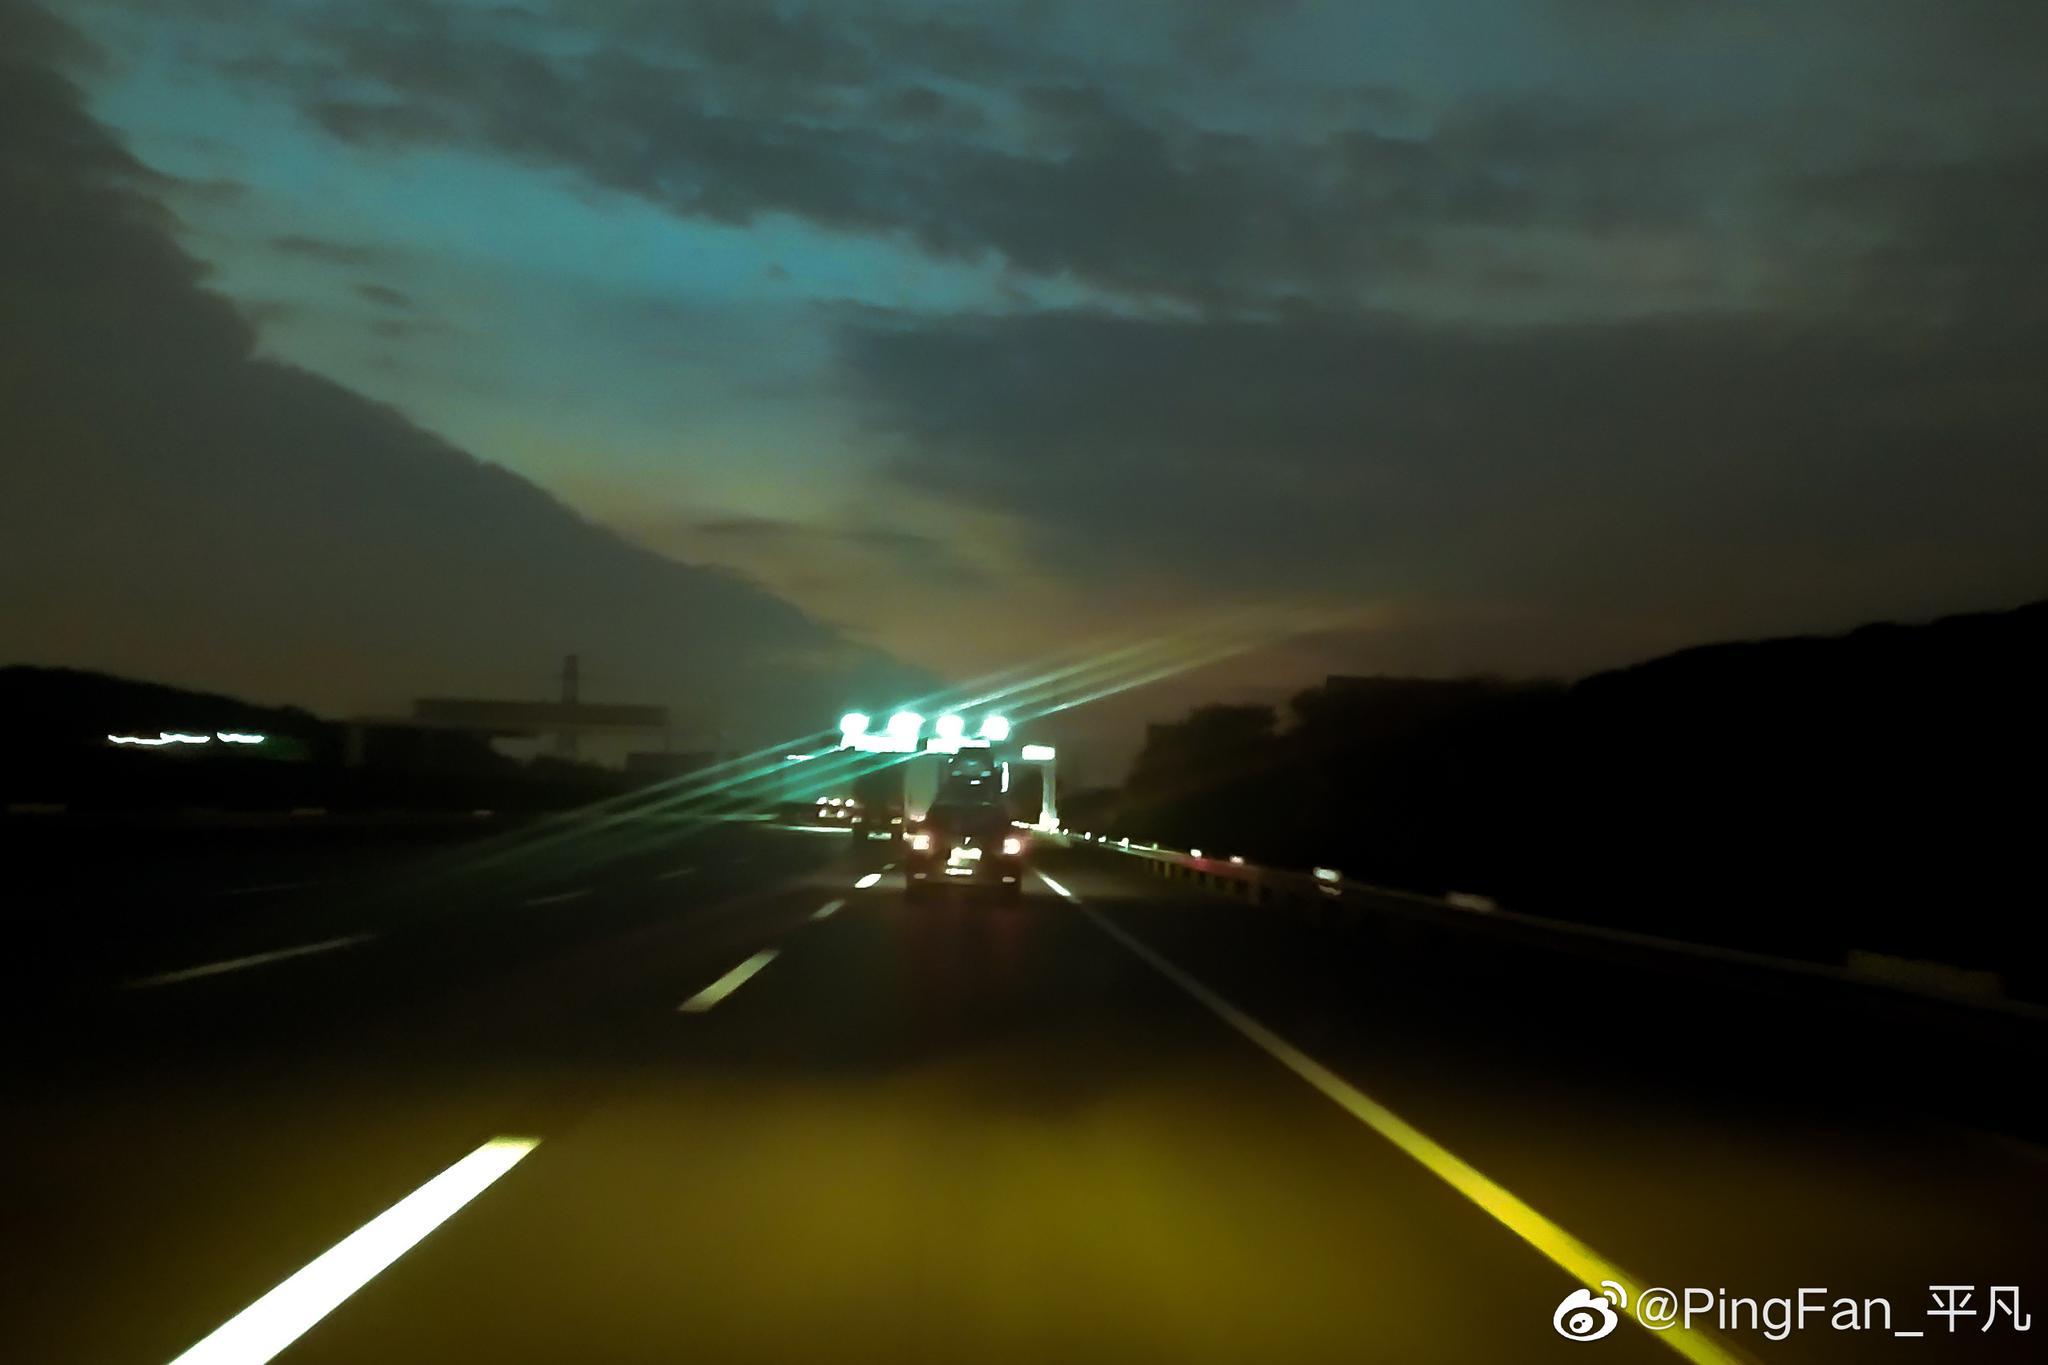 夜幕下,高速上的风景